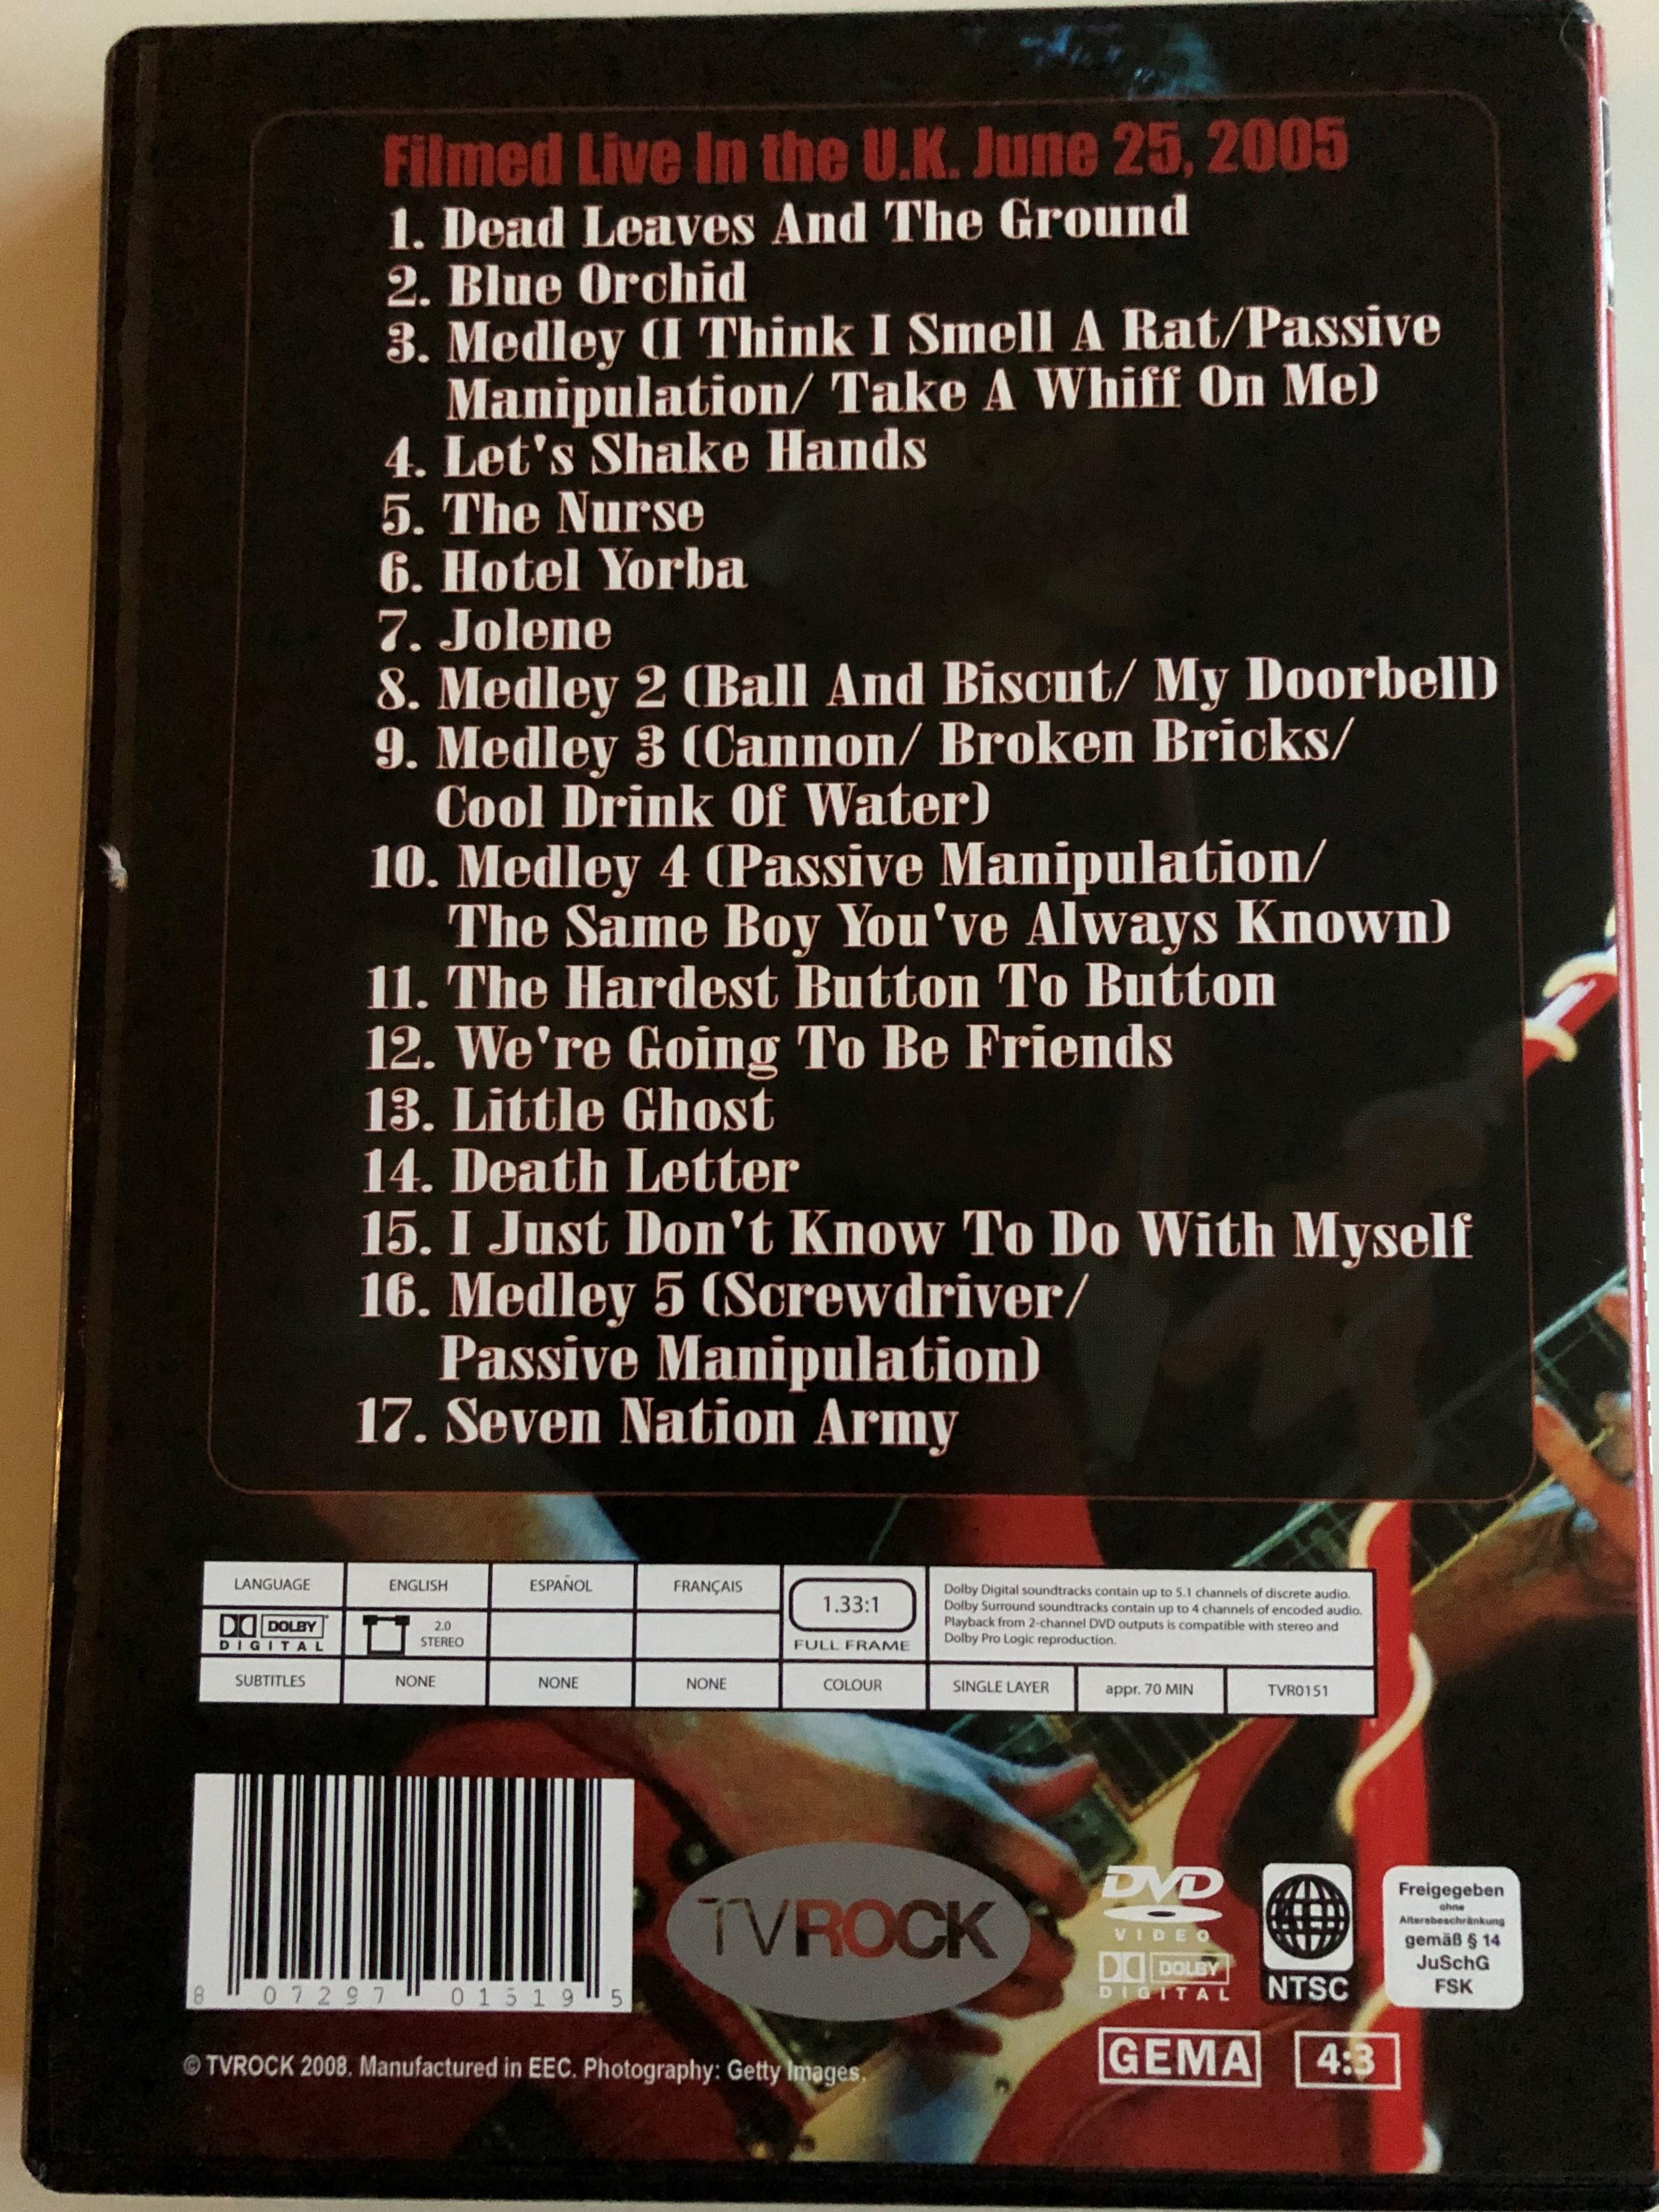 the-white-stripes-peppermint-parade-dvd-2008-filmed-live-in-the-uk-june-25.-2005-2.jpg